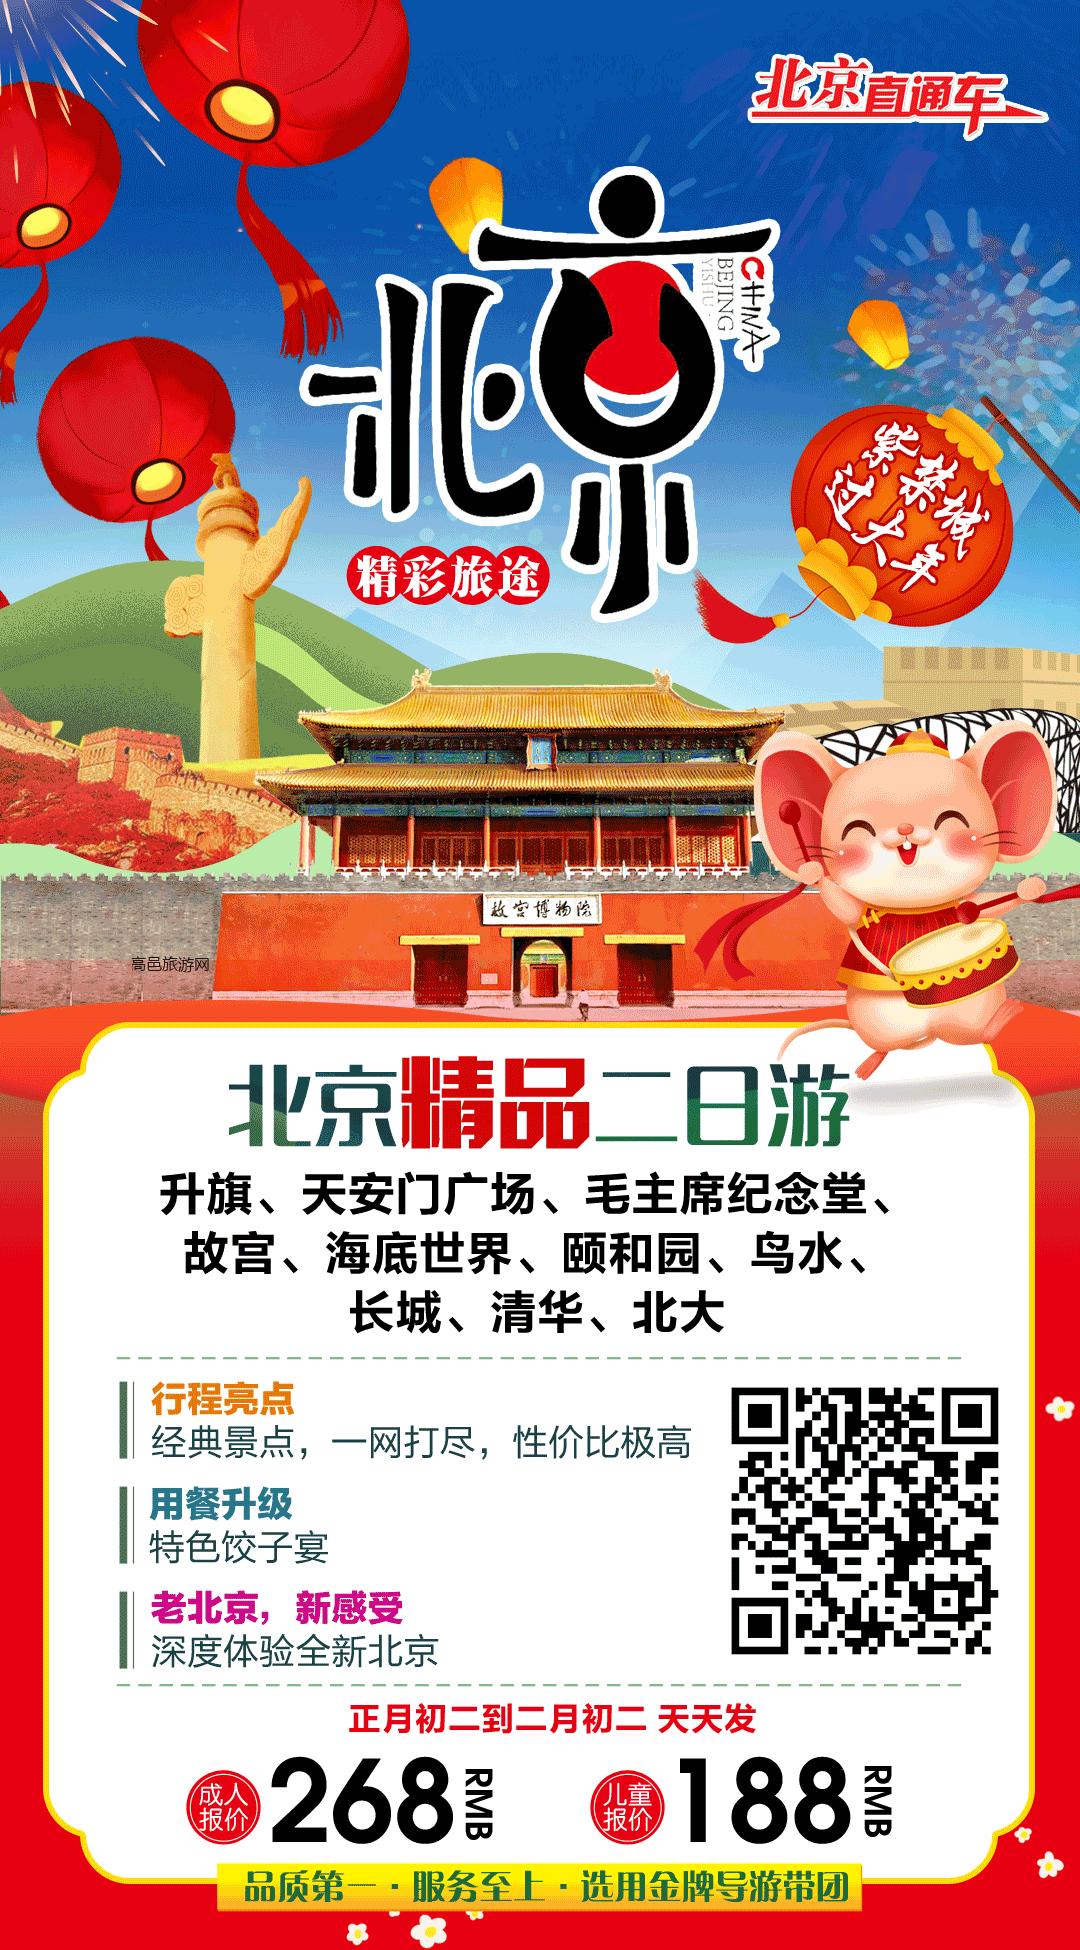 【过年出游丨春节特供】2020年春节丨北京、古水北镇线路大全